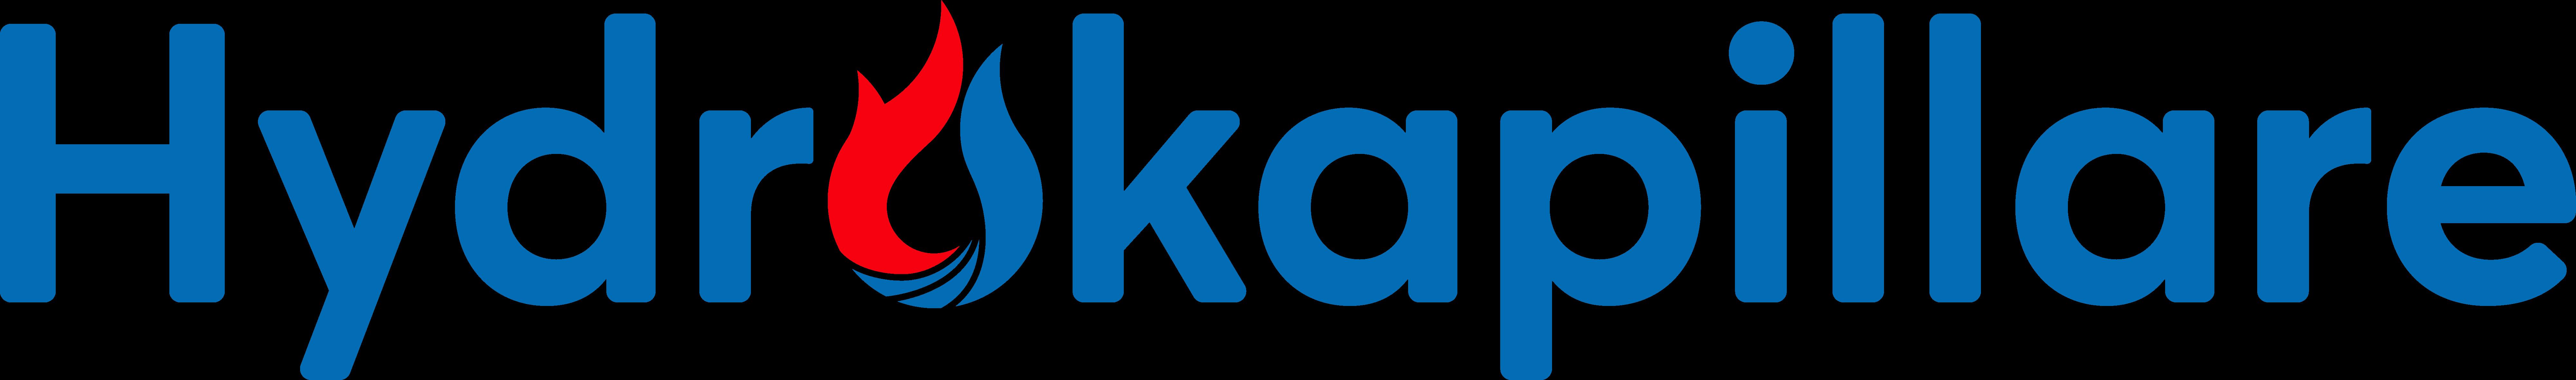 hydrokapillare_logo_1920